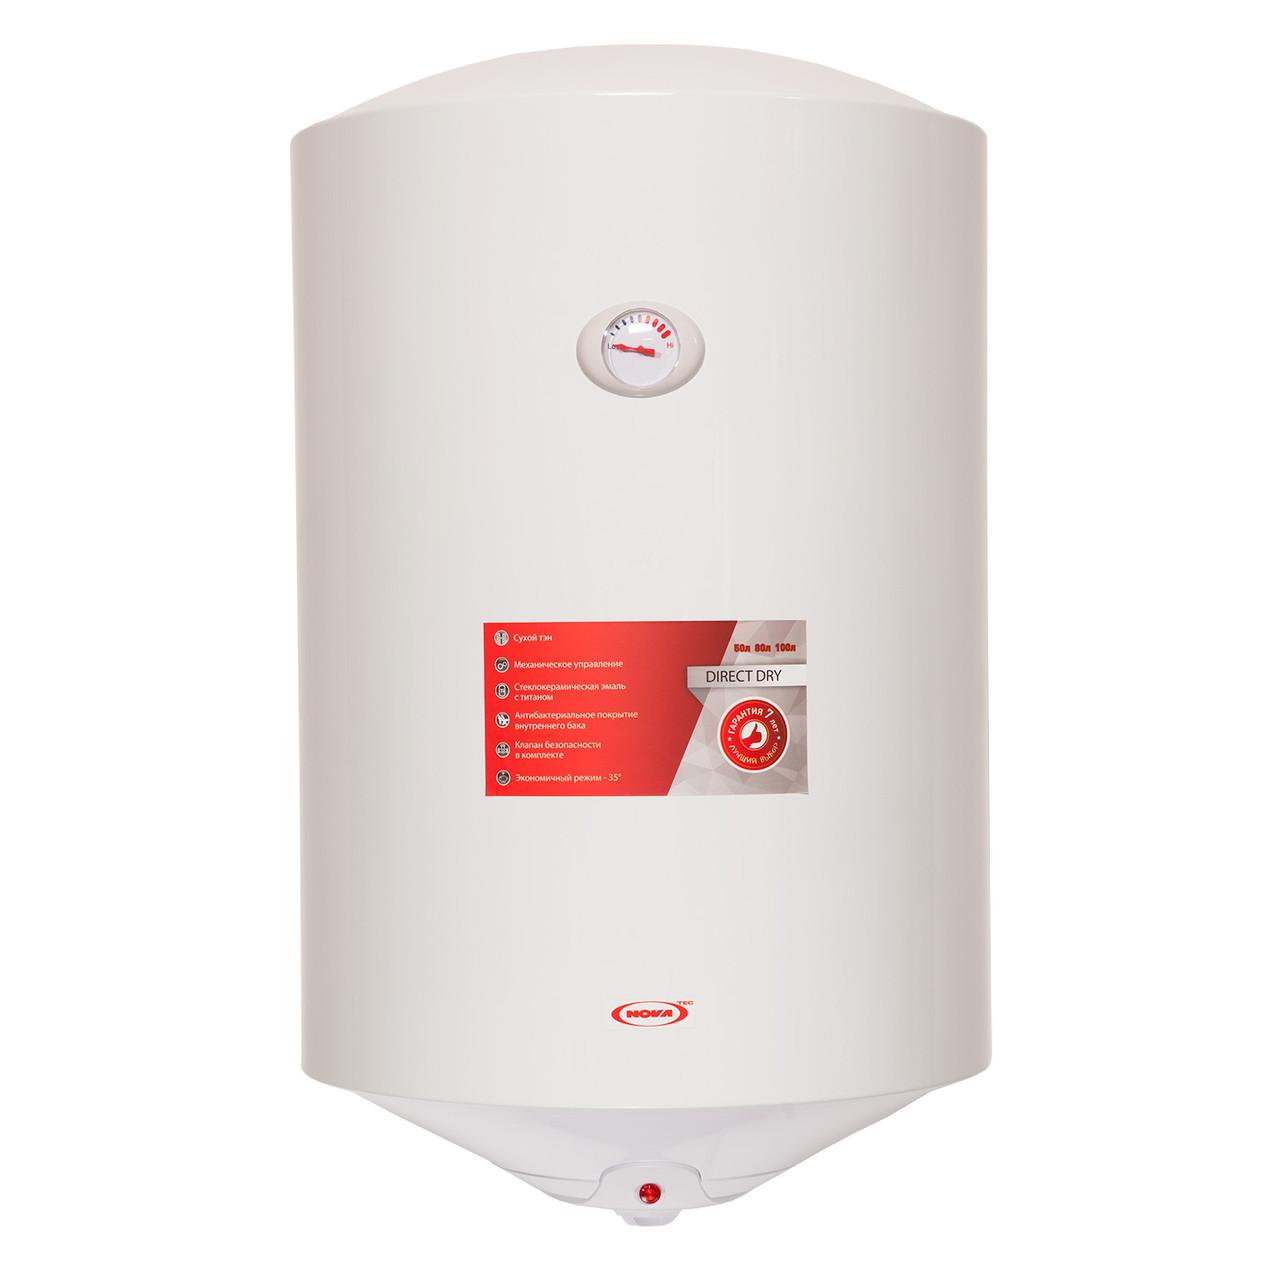 Накопительный водонагреватель  NovaTec Direct Dry 80 (сухой ТЭН + регулятор нагр.) - ТЕПЛОПОЛИС в Запорожье